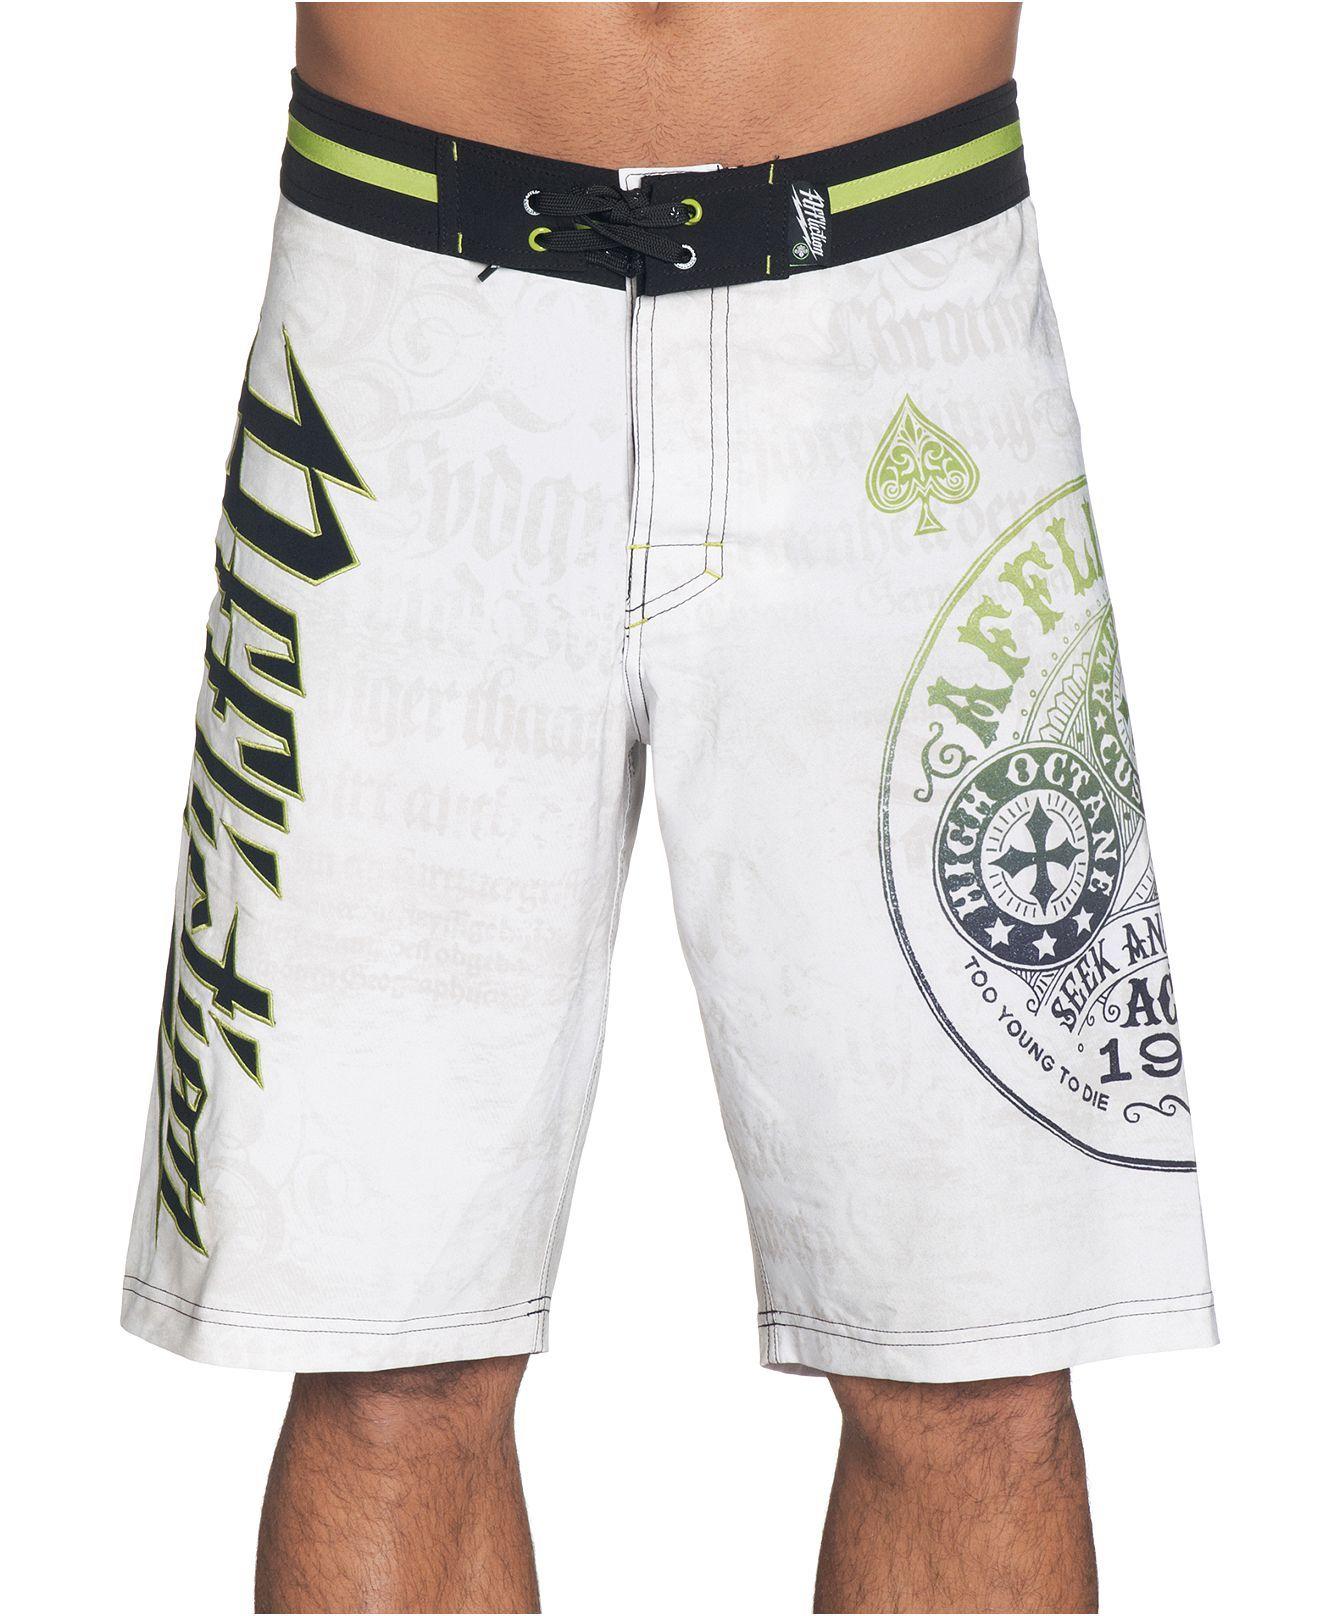 32bea606dfd75 Affliction Swimwear, Triumph Board Shorts - Swimwear - Men - Macy's ...